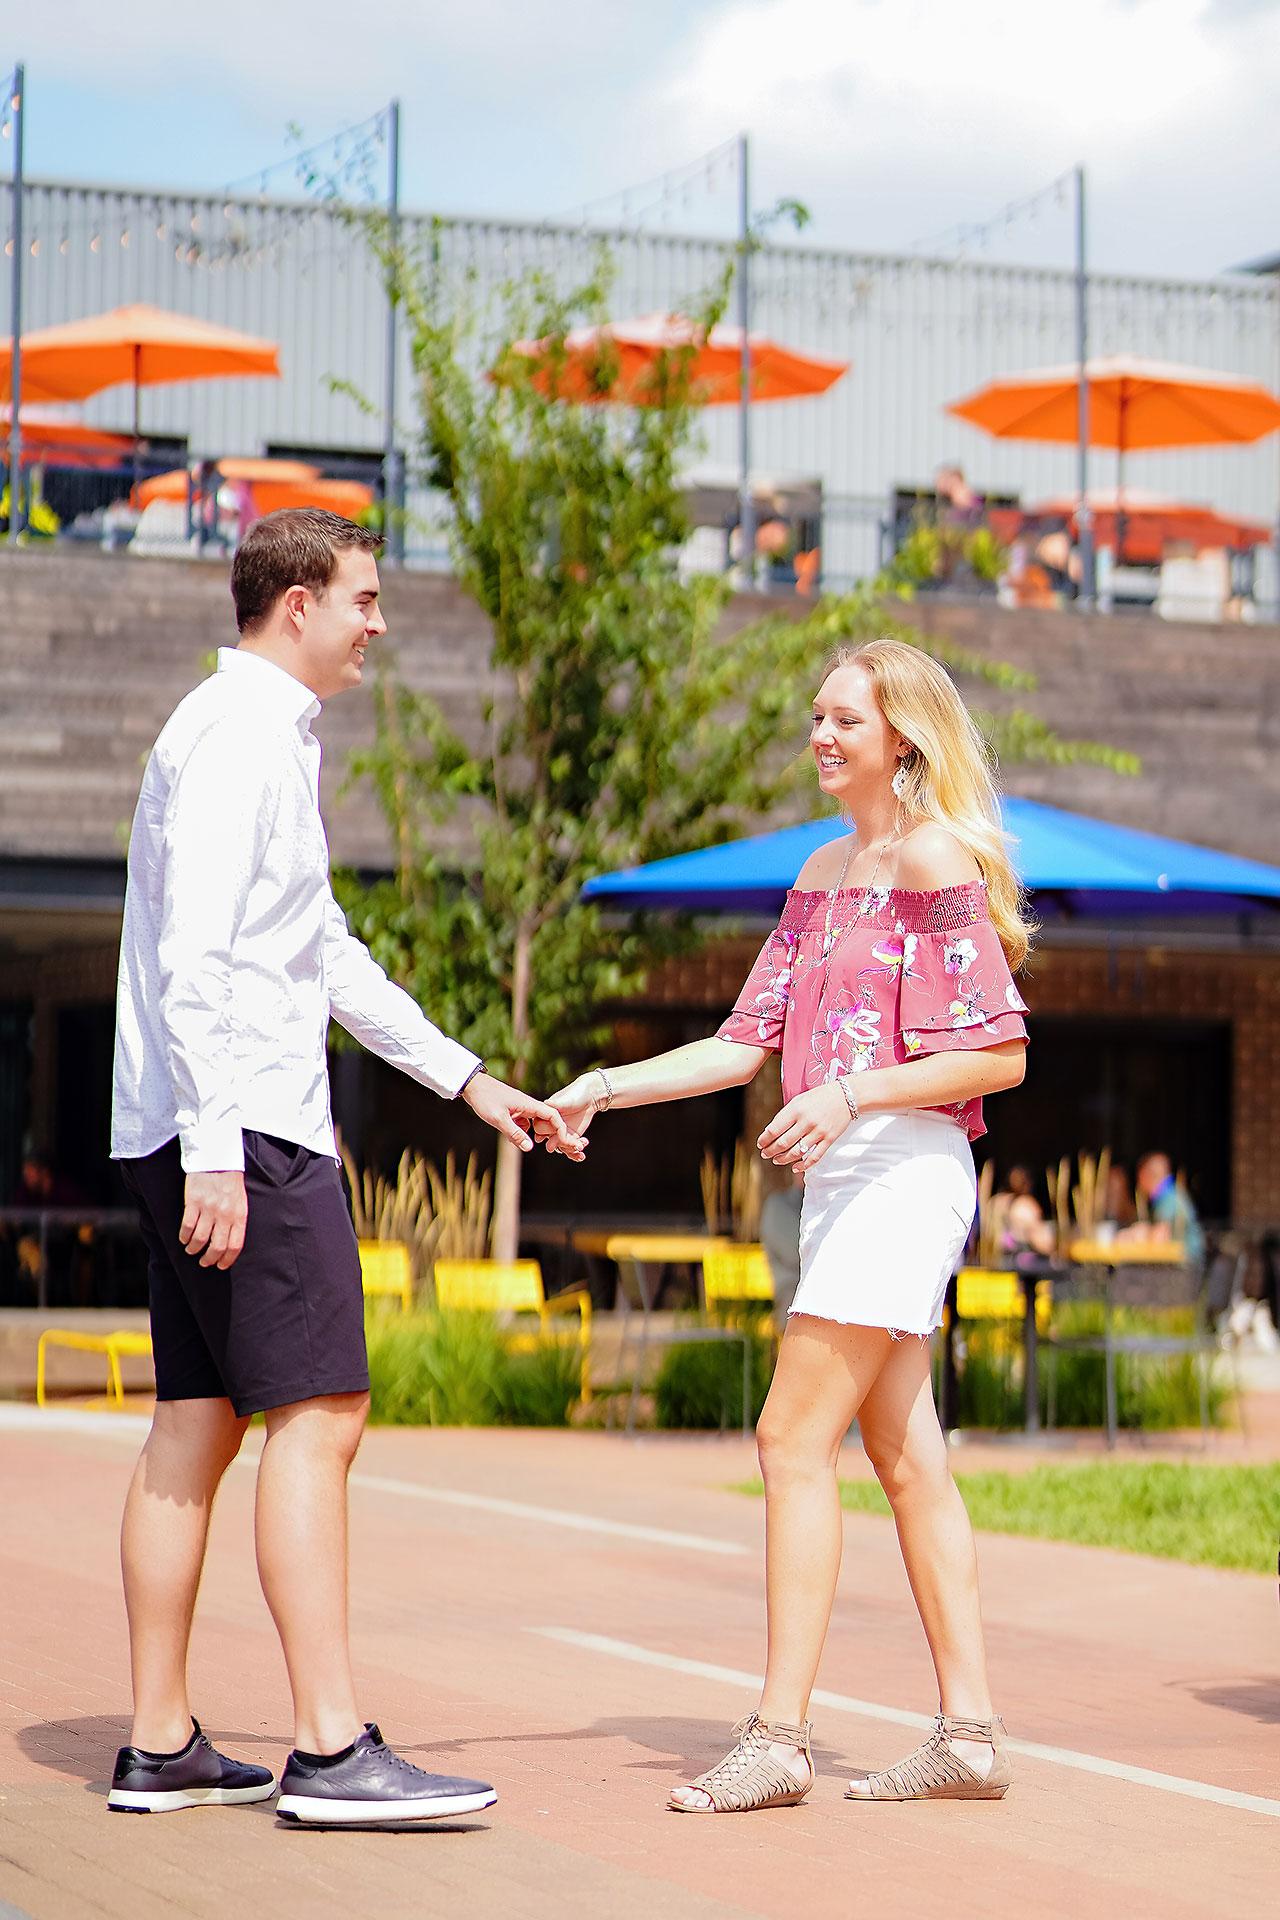 Liz Zach Midtown Carmel Engagement Session 008